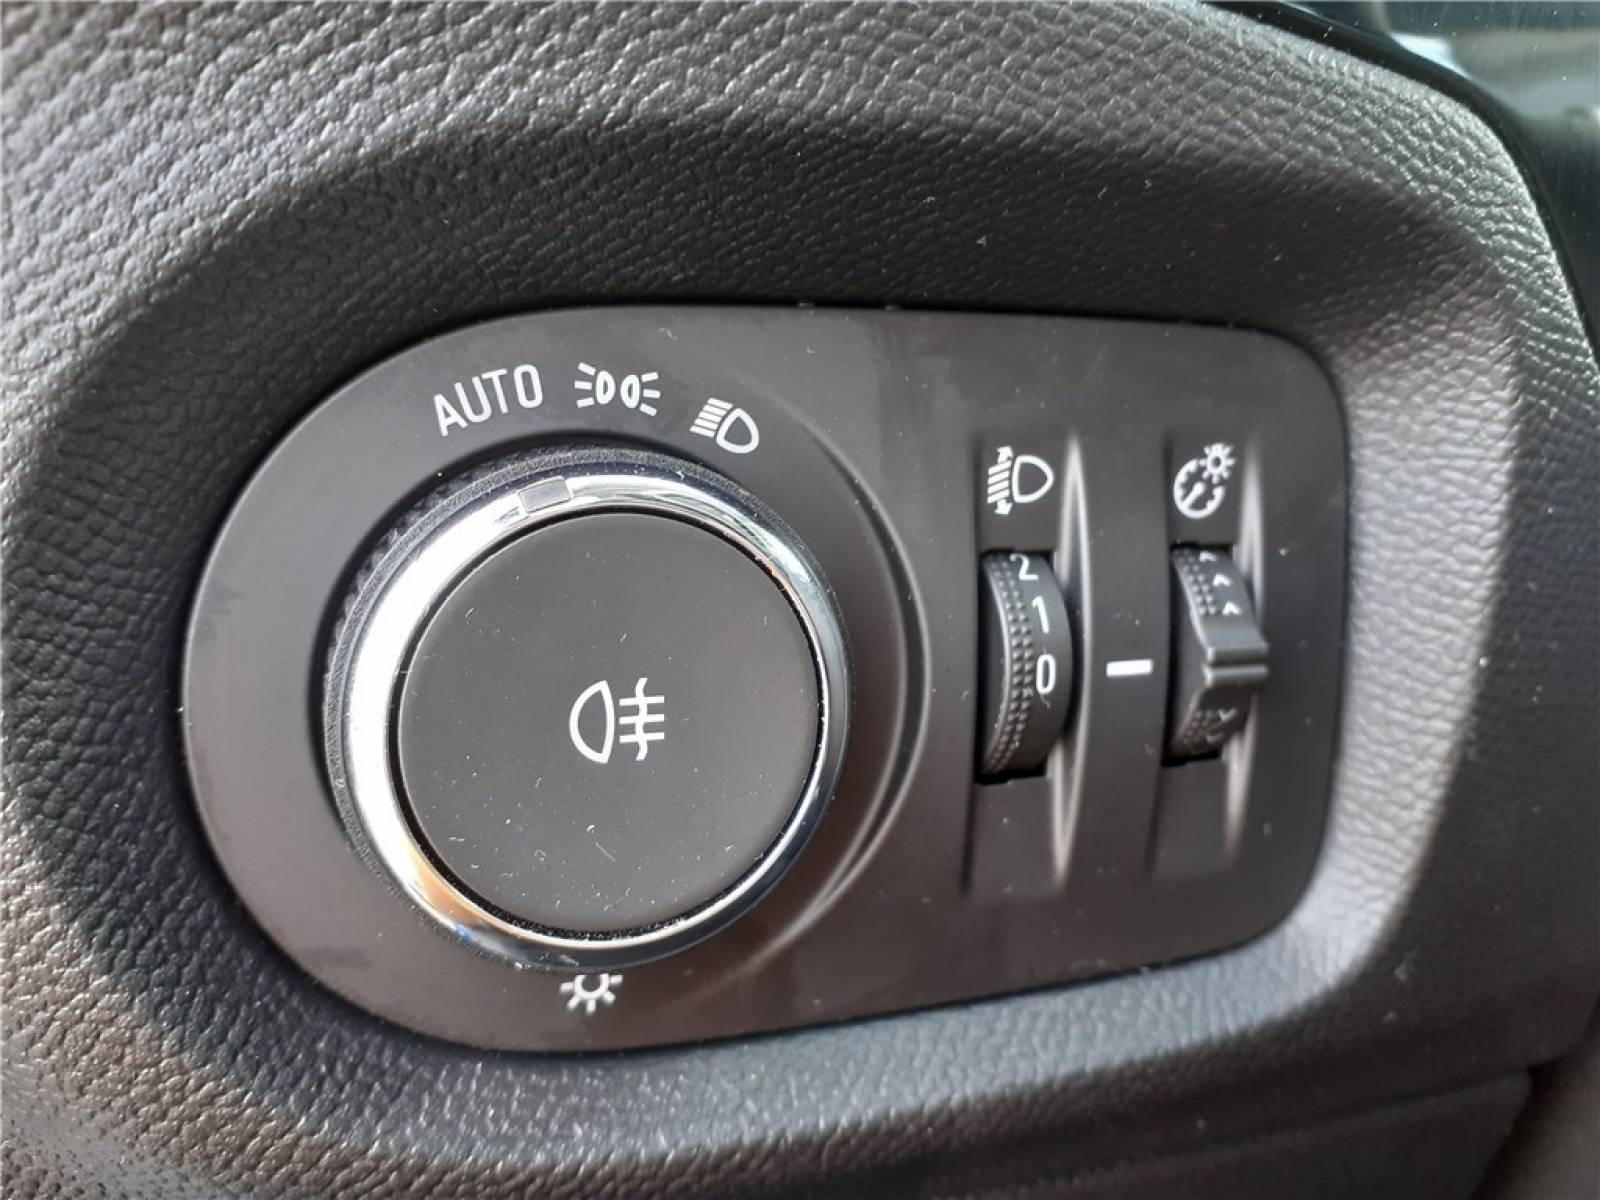 OPEL Corsa 1.2 75 ch BVM5 - véhicule d'occasion - Groupe Guillet - Opel Magicauto - Chalon-sur-Saône - 71380 - Saint-Marcel - 23